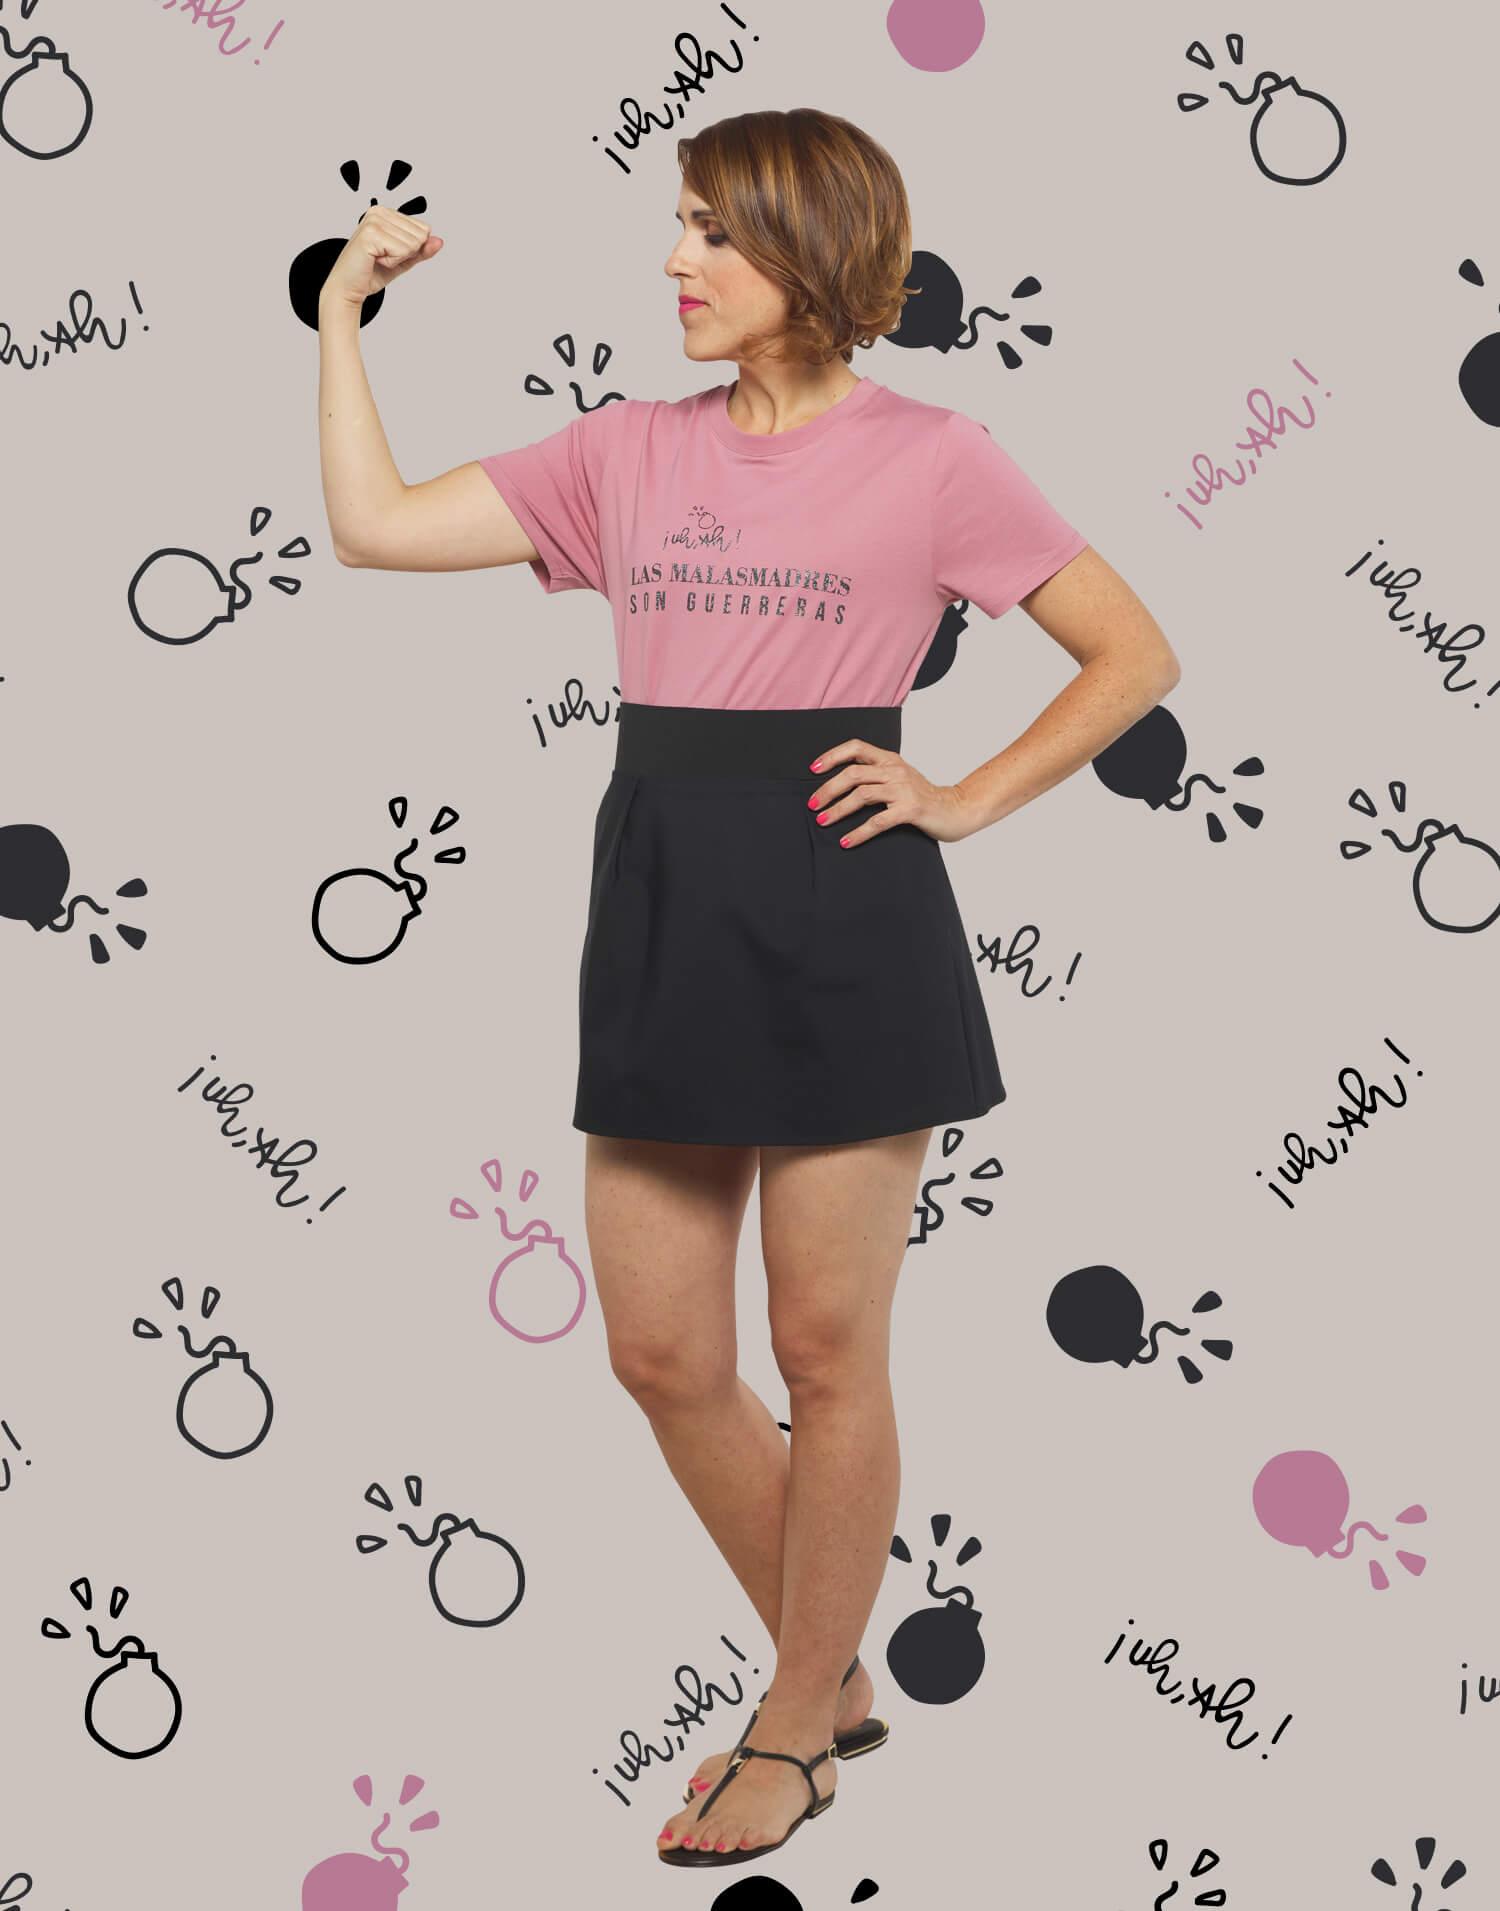 Camiseta rosa Las Malasmadres son guerreras